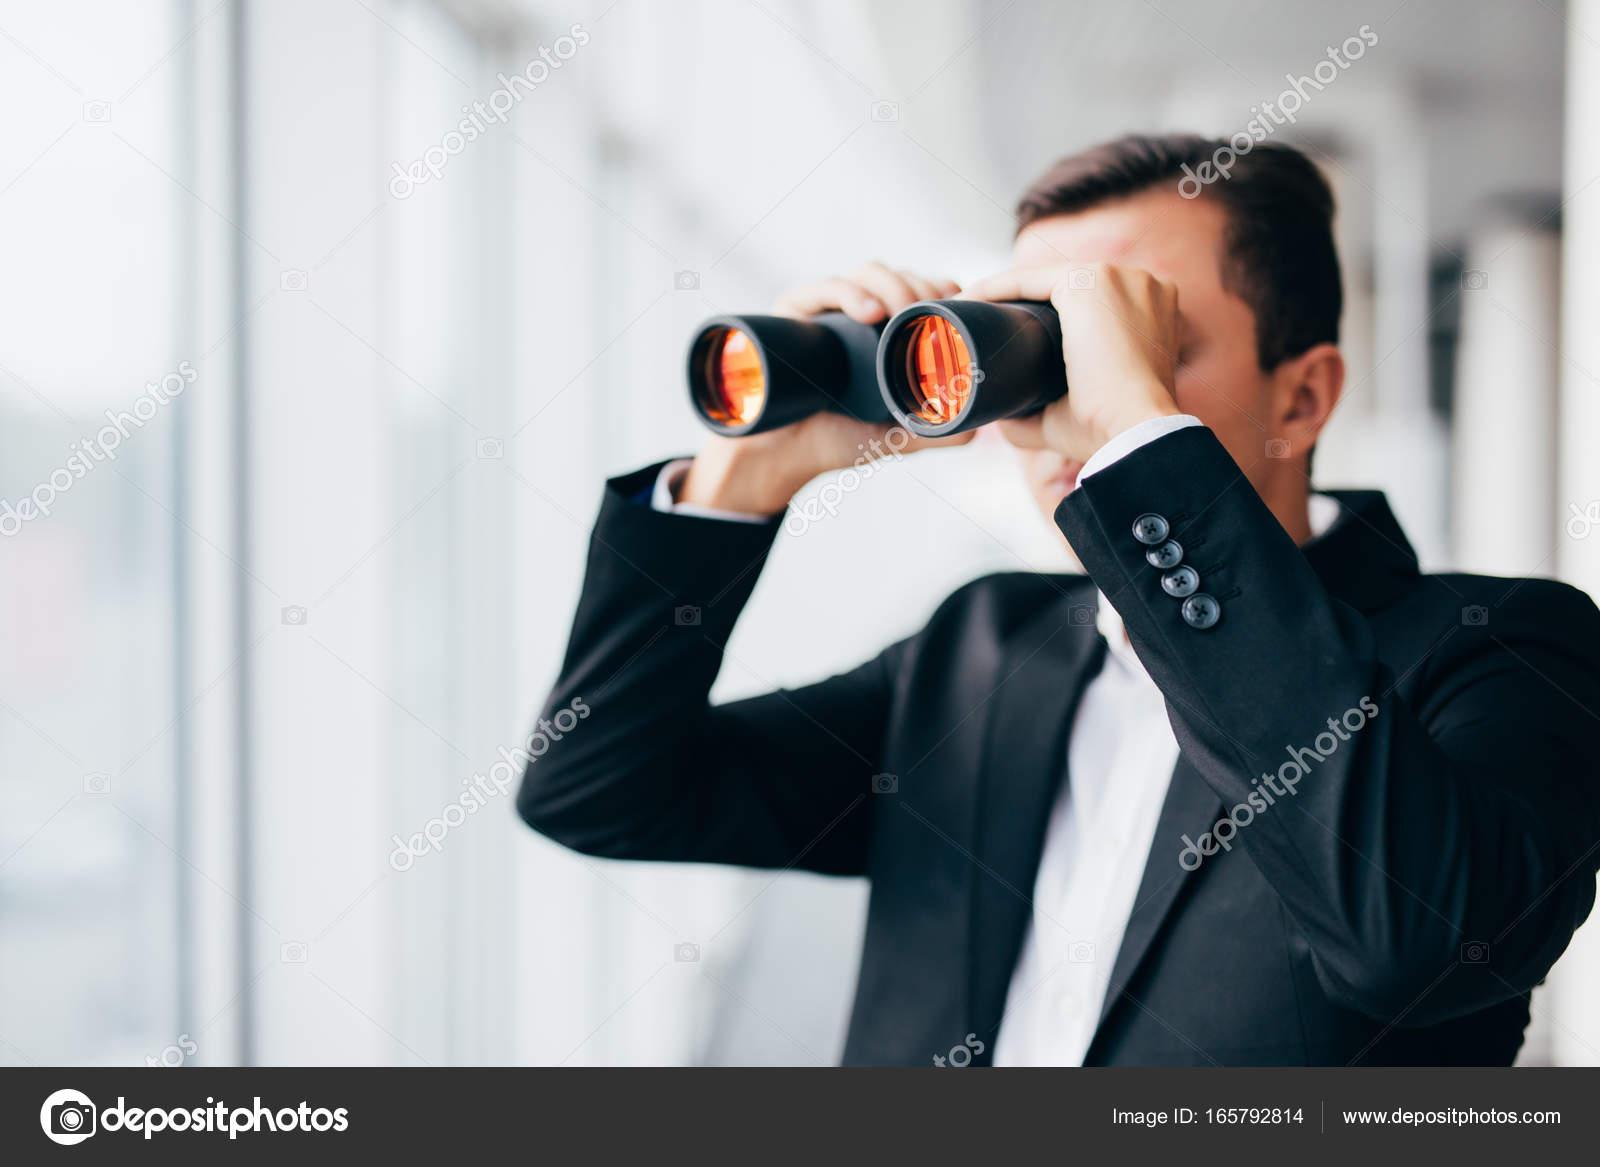 Look Ufficio Uomo : Uomo d affari americano utilizzando il binocolo sguardo in windows